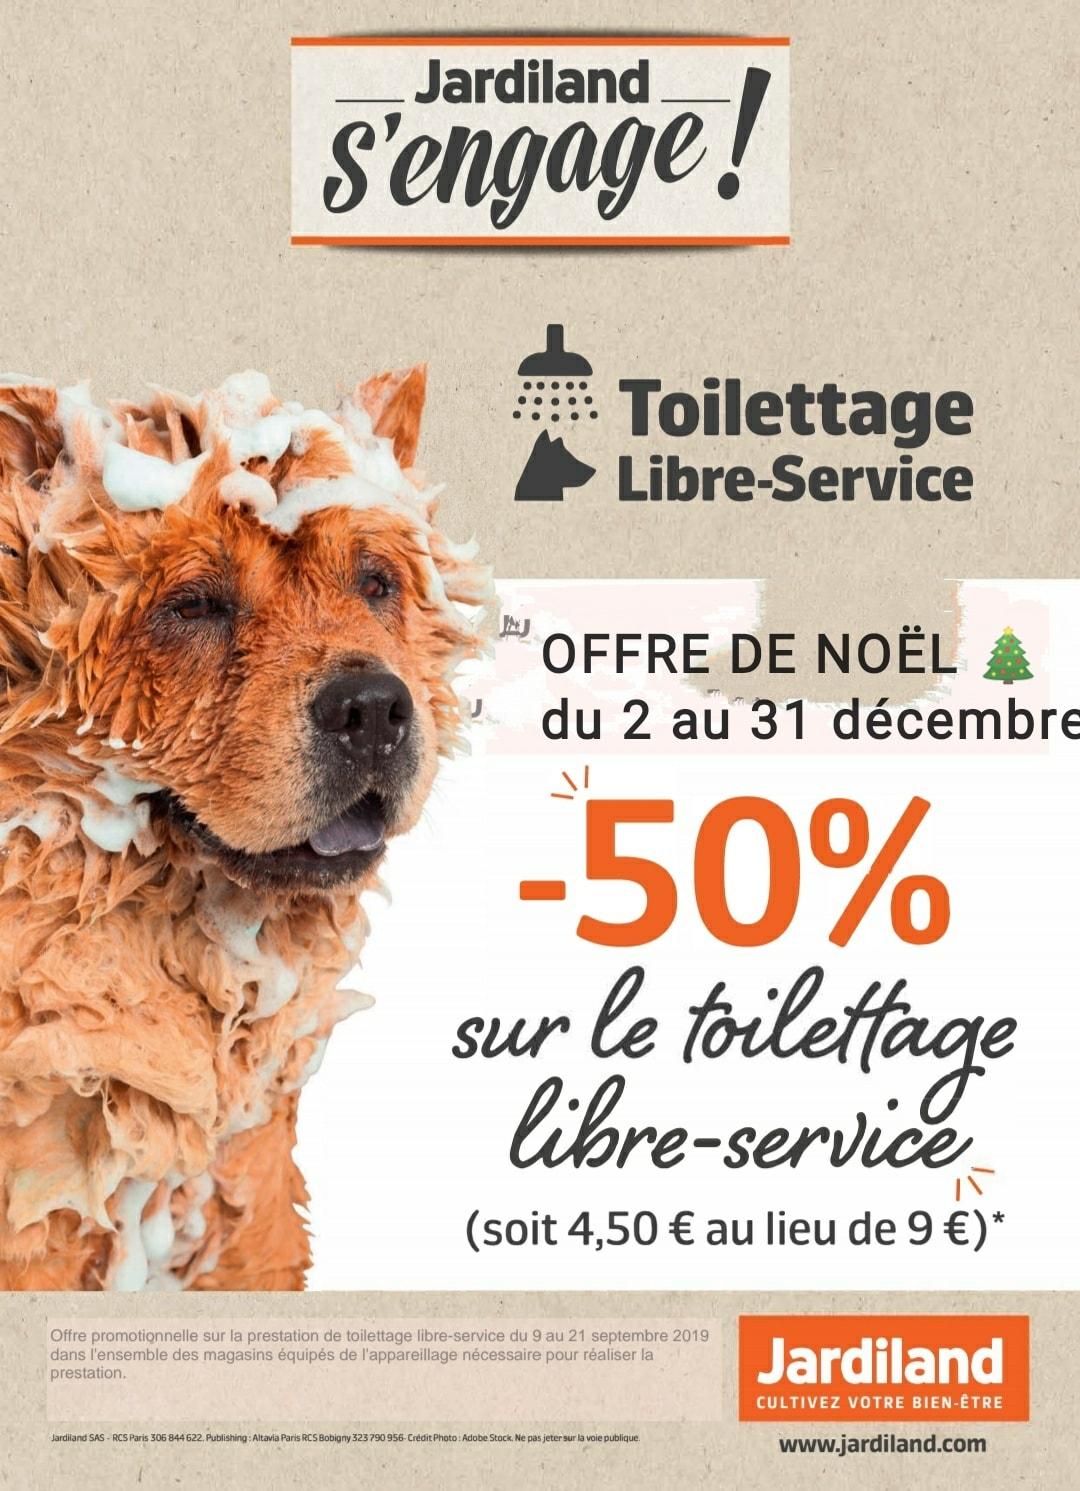 Toilettage en libre service - Calais (62)